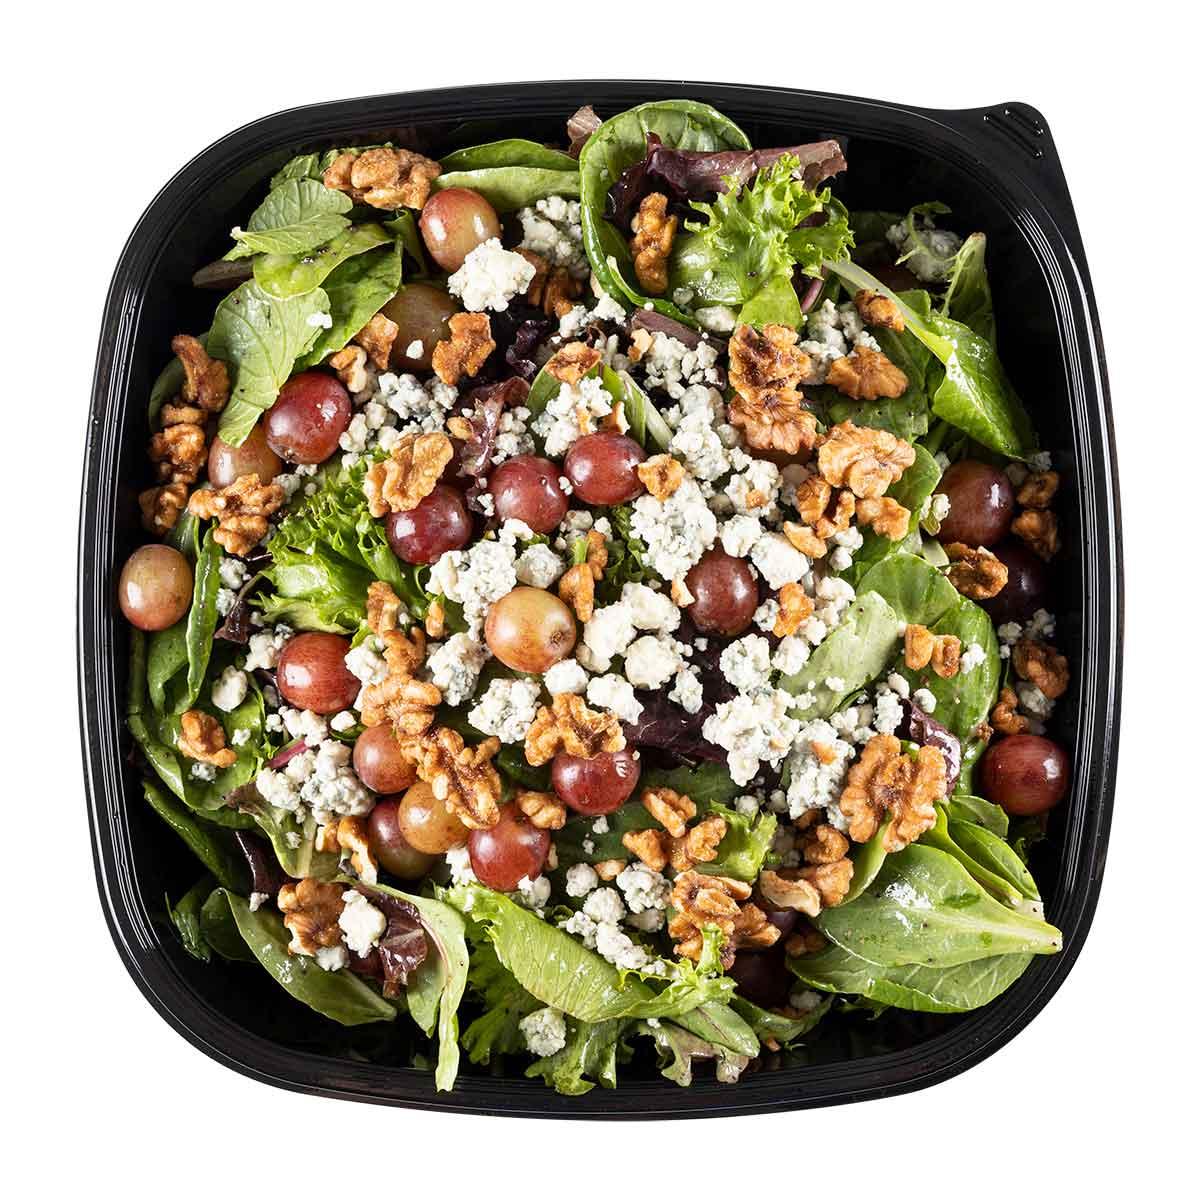 Mixed Greens with Grapes Salad